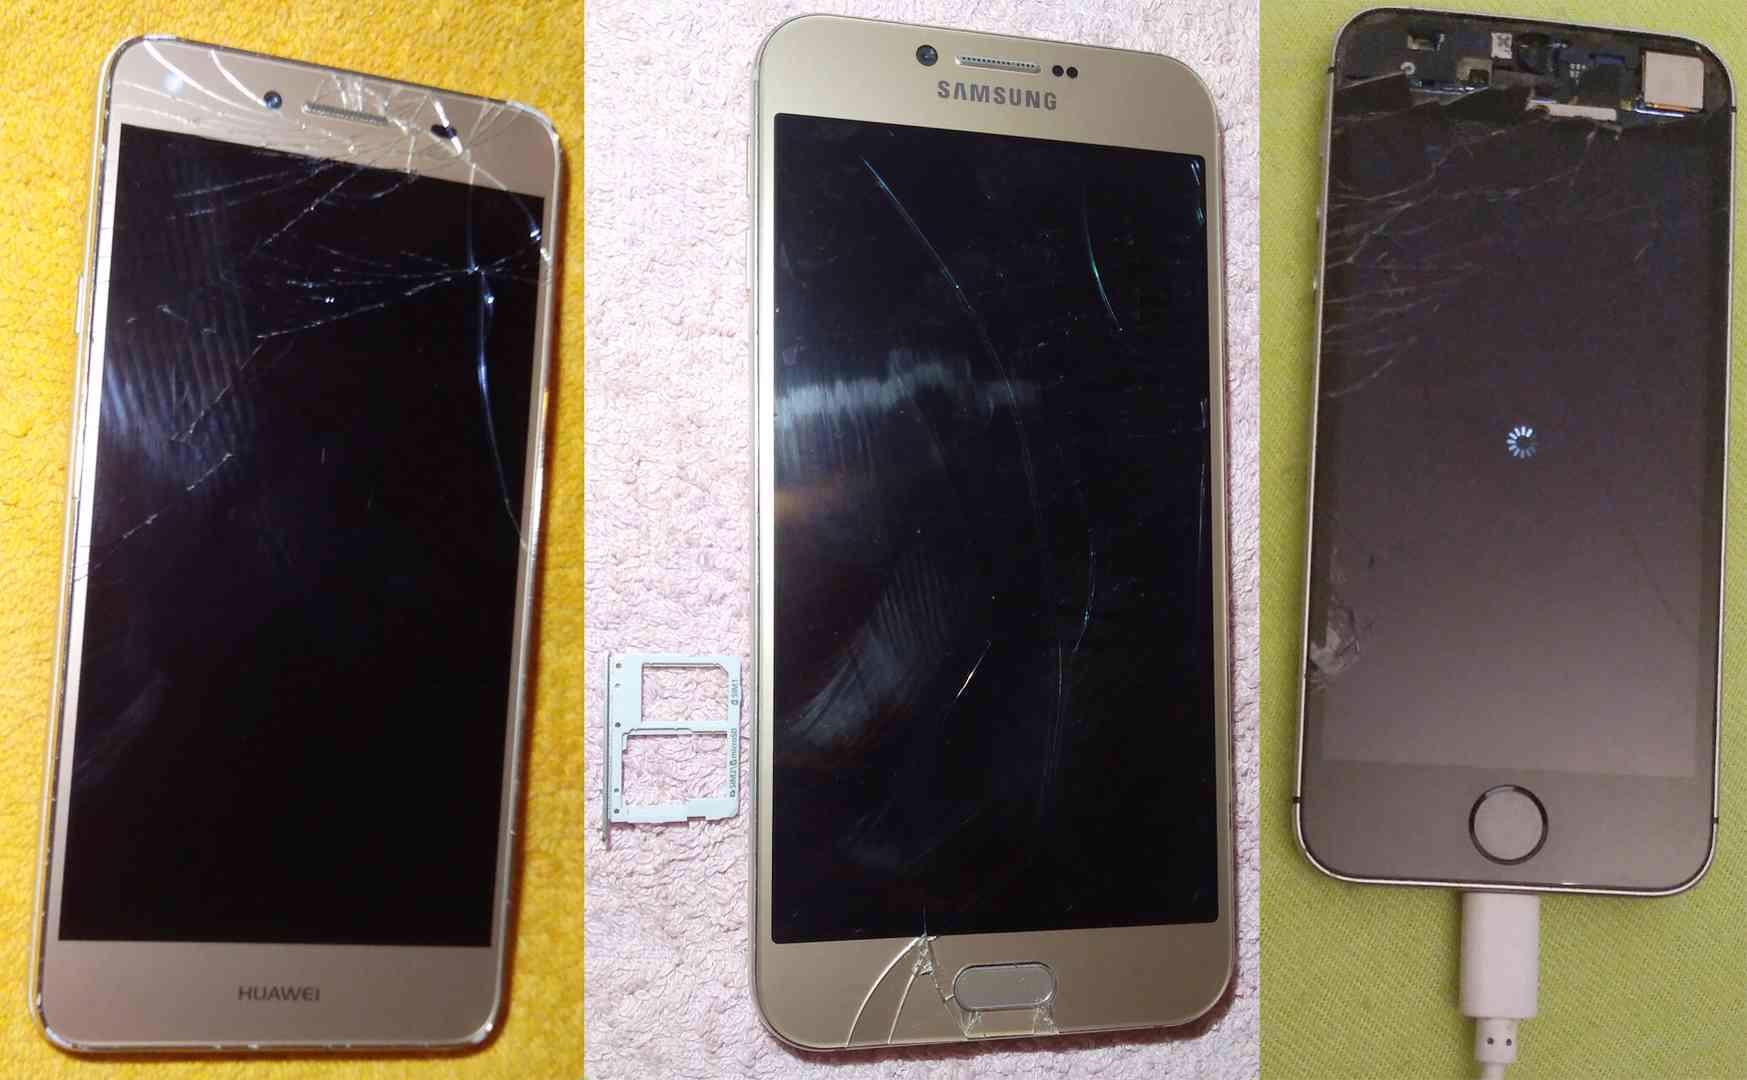 Samsung A8 +Huawei Y5 II +Apple iPhone SE -k opravám!!! - foto 1